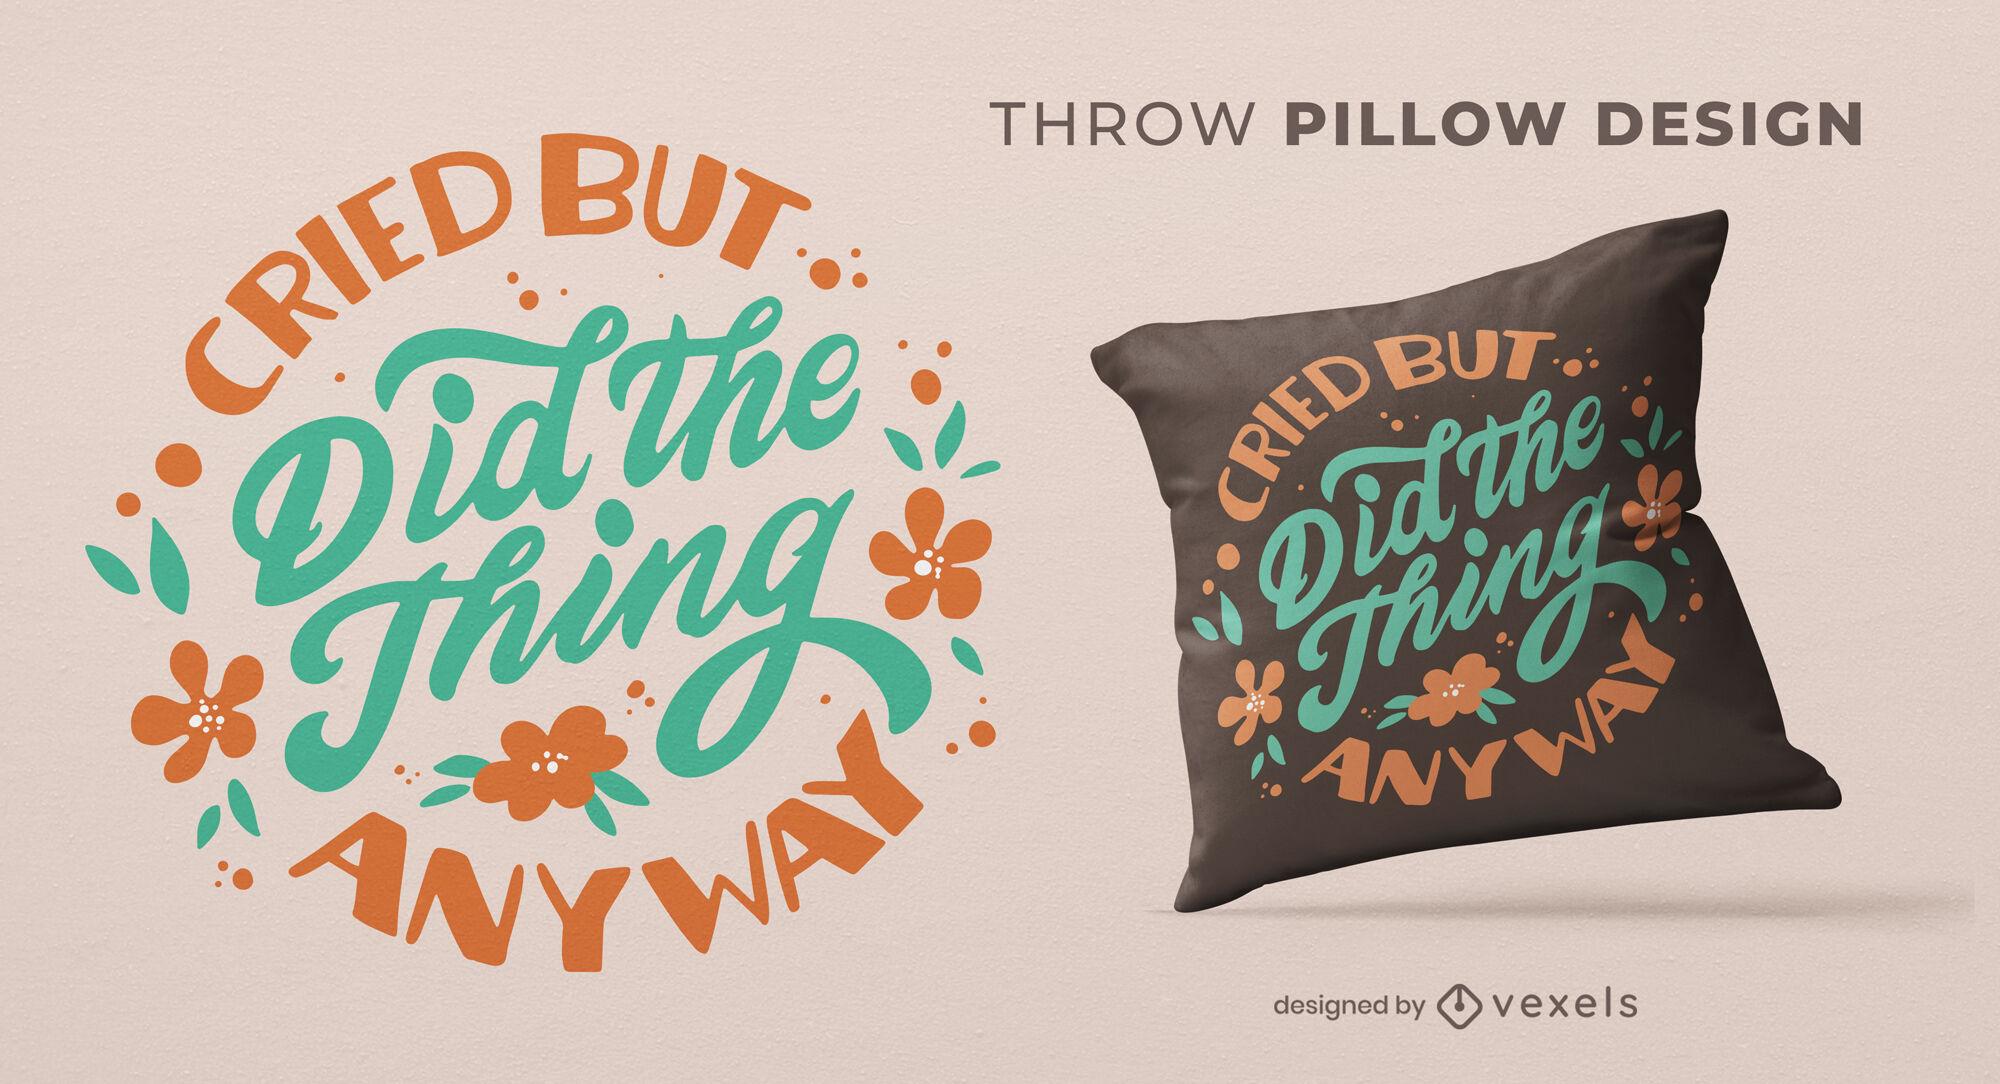 Empoderamiento del diseño de la almohada de tiro de ansiedad